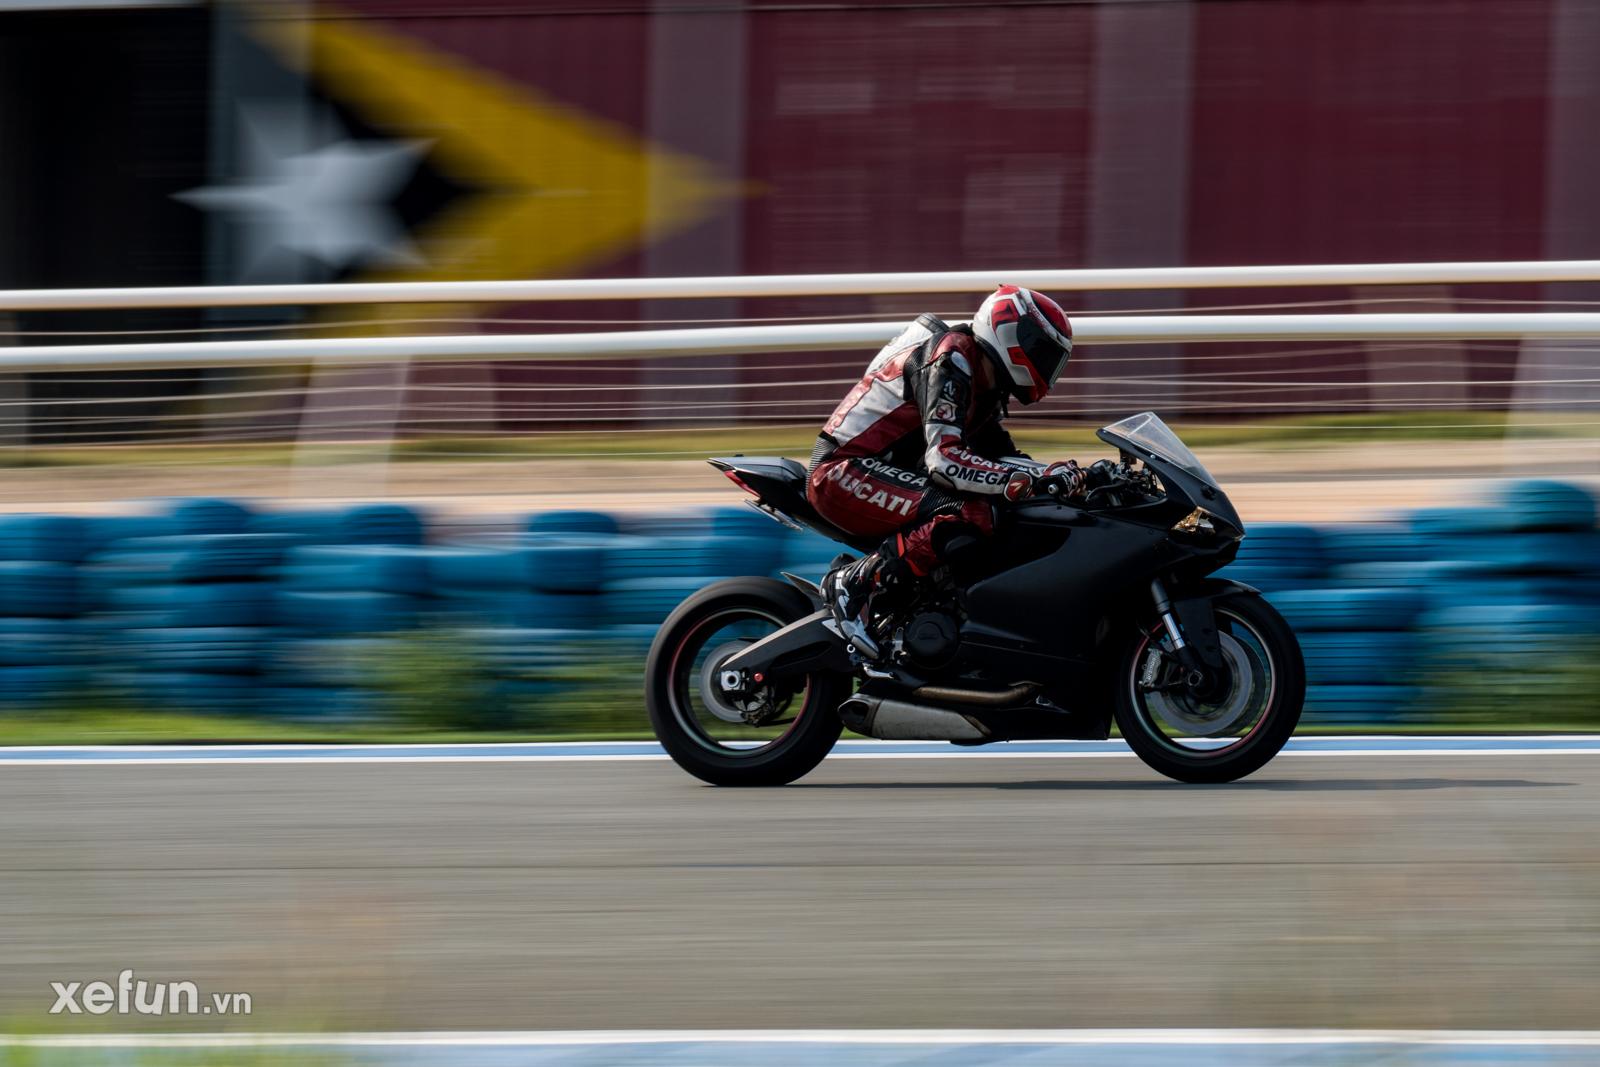 Các tay đua nài xe phân khối lớn PKL BMW S1000RR Ducati Monster Kawasaki Ninja ZX10R tại Trường đua Đại Nam trên Xefun (119)3546